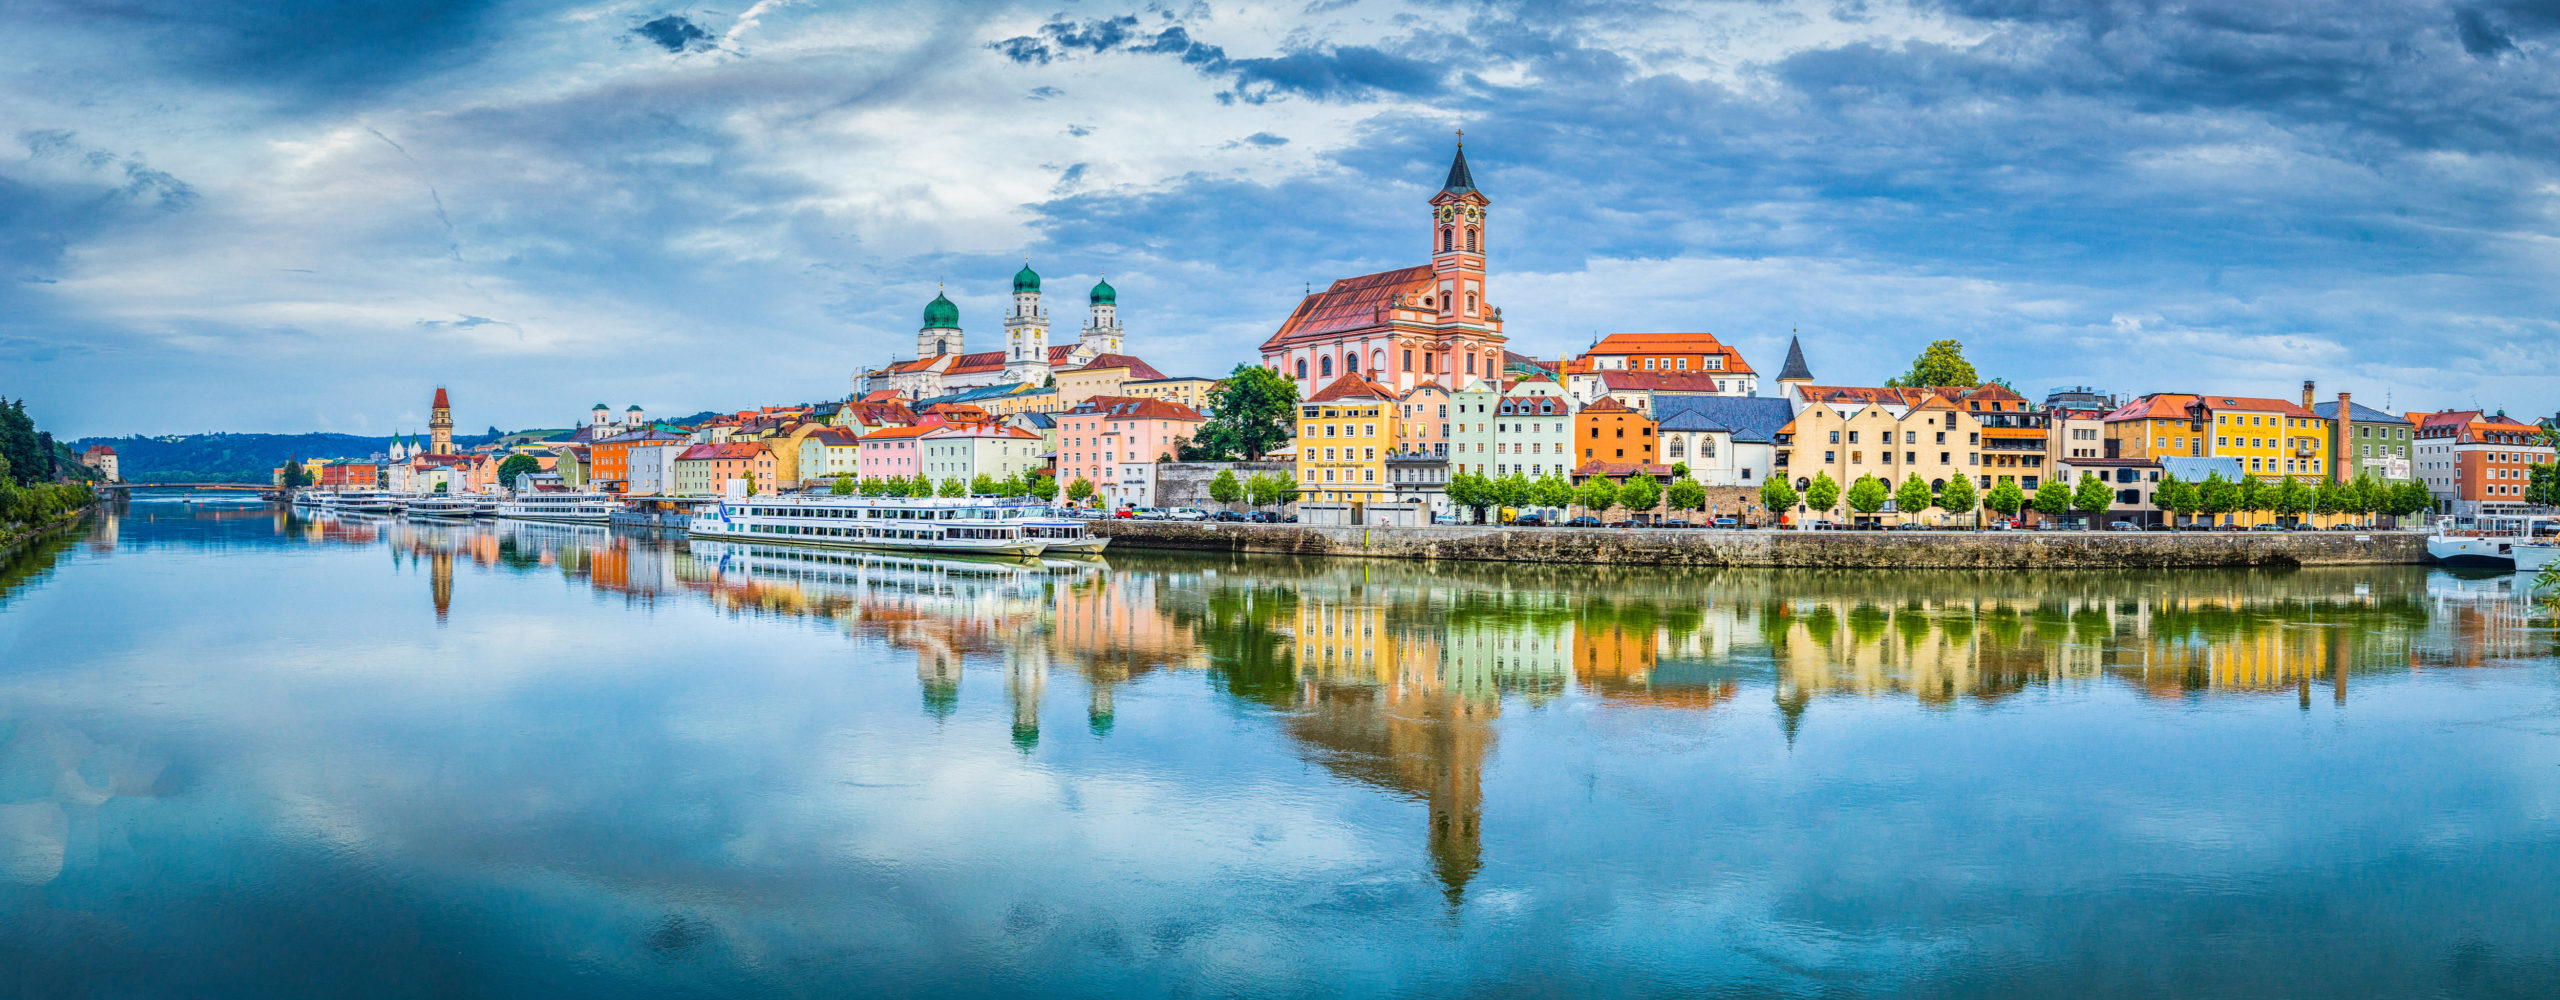 La histórica ciudad bávara de Passau, junto al Danubio.   FOTO: CanadaStock